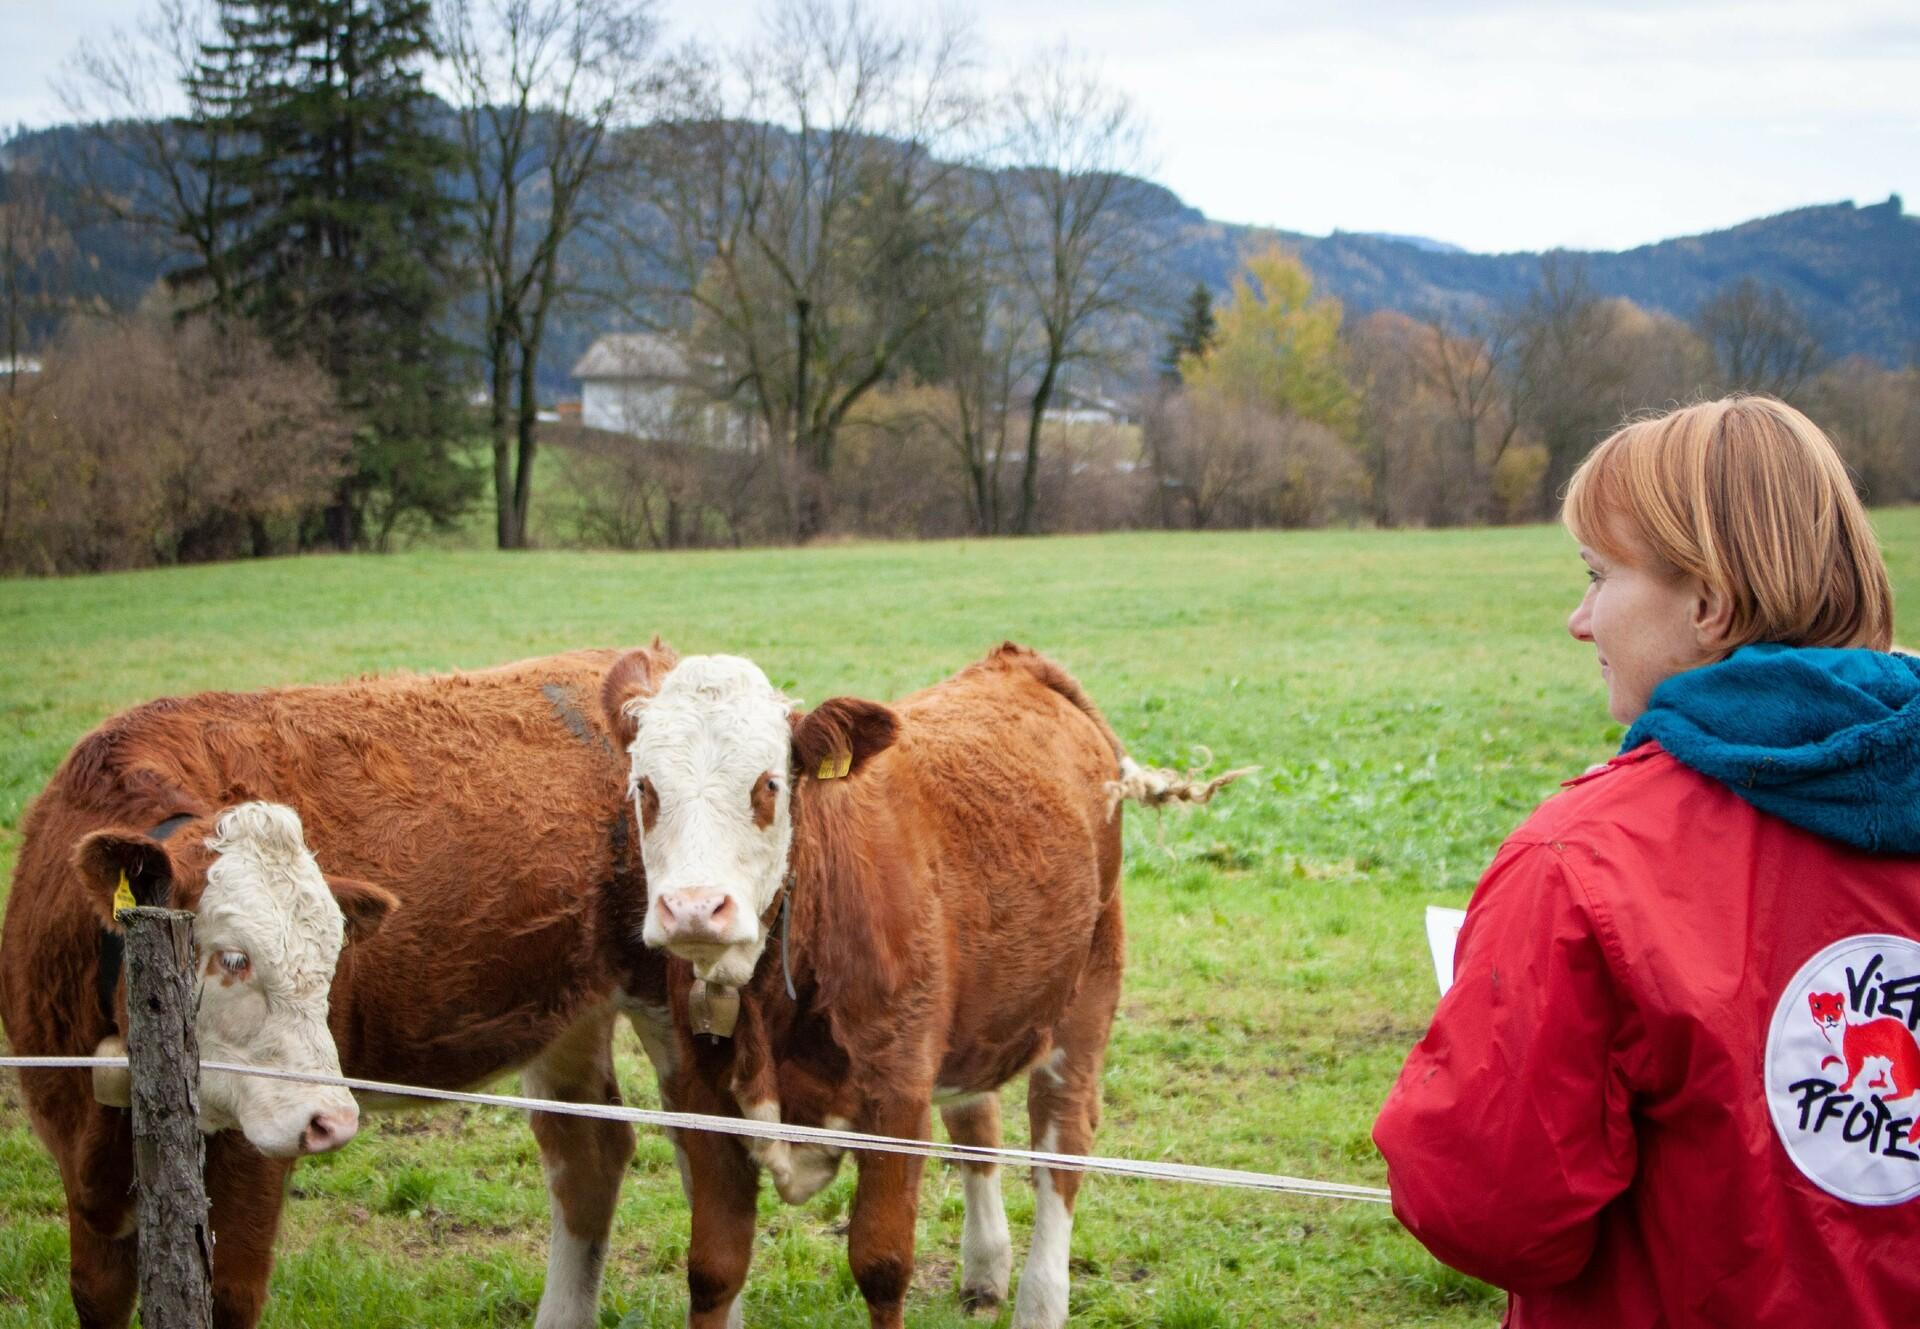 Kühe auf einer grünen Weide. Davor eine Mitarbeierin von VIER PFOTEN